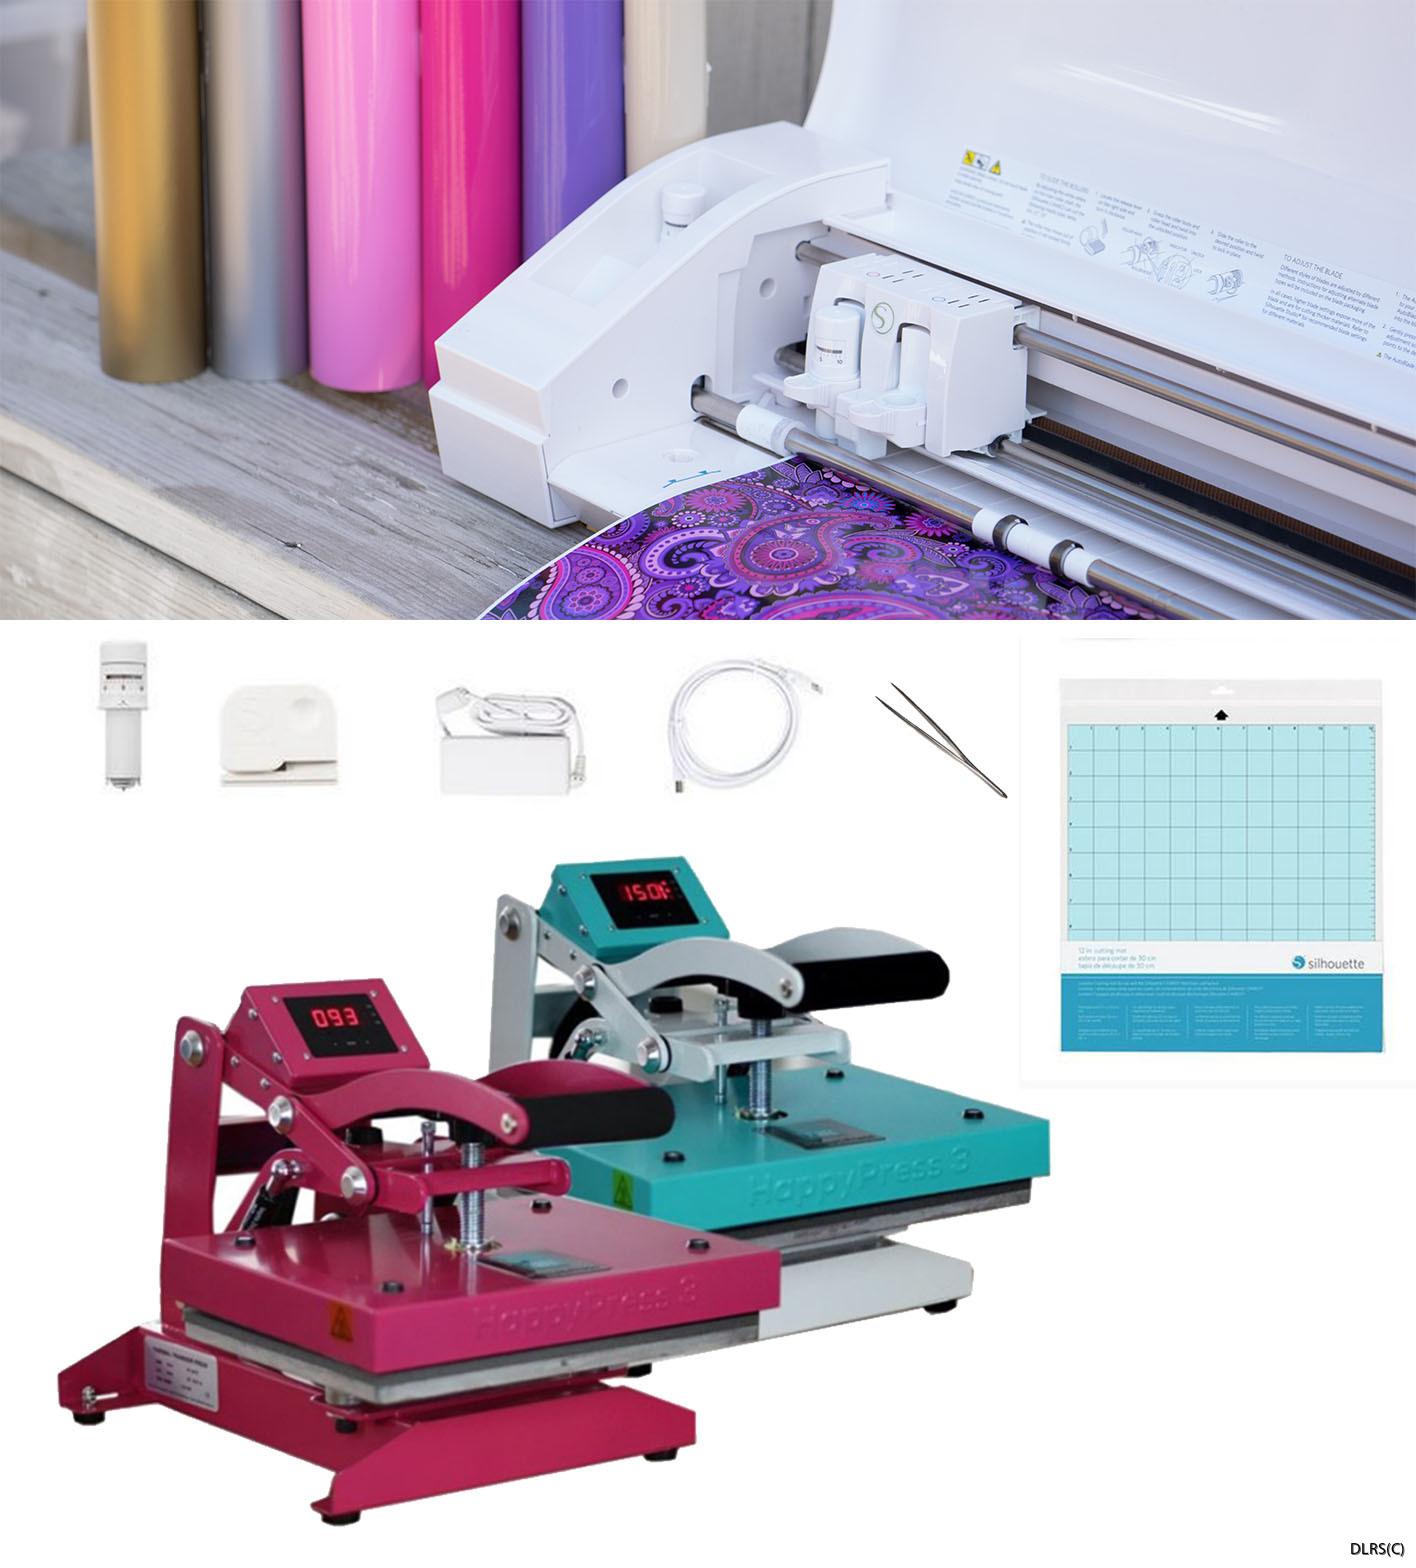 Textilpaketet